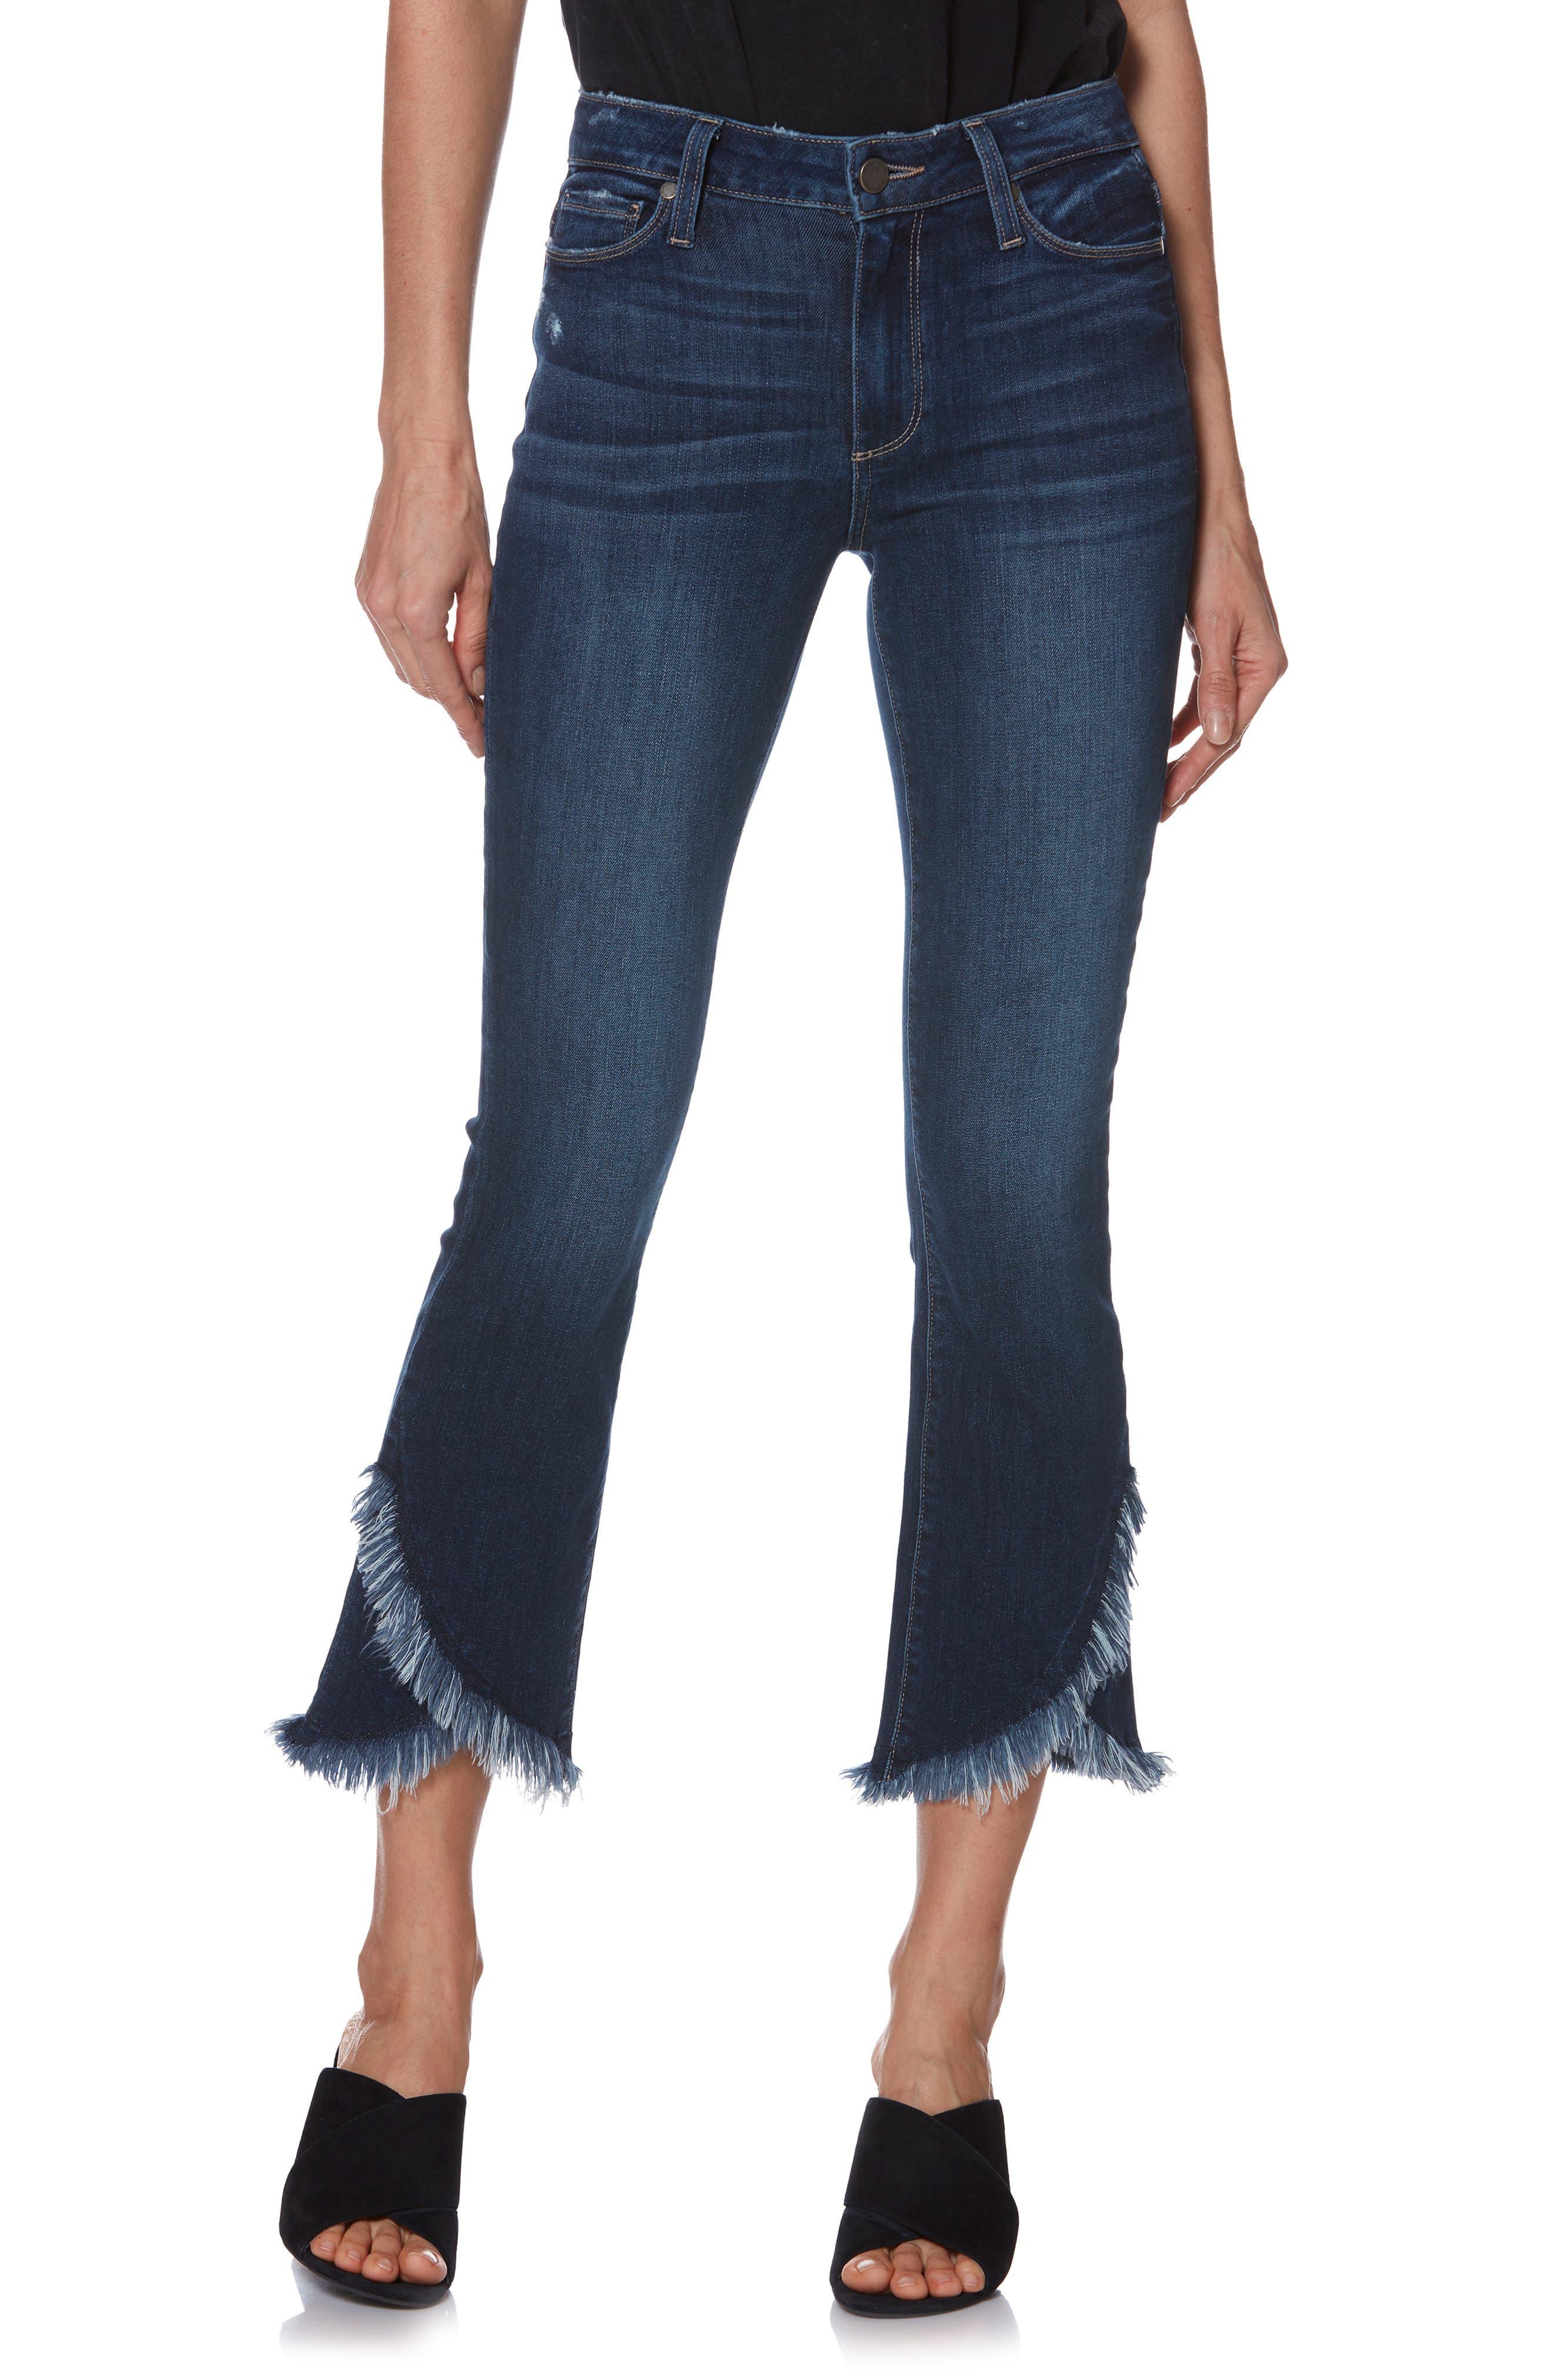 PAIGE,                             Transcend Vintage - Colette Frayed Crop Flare Jeans,                             Main thumbnail 1, color,                             PALMA